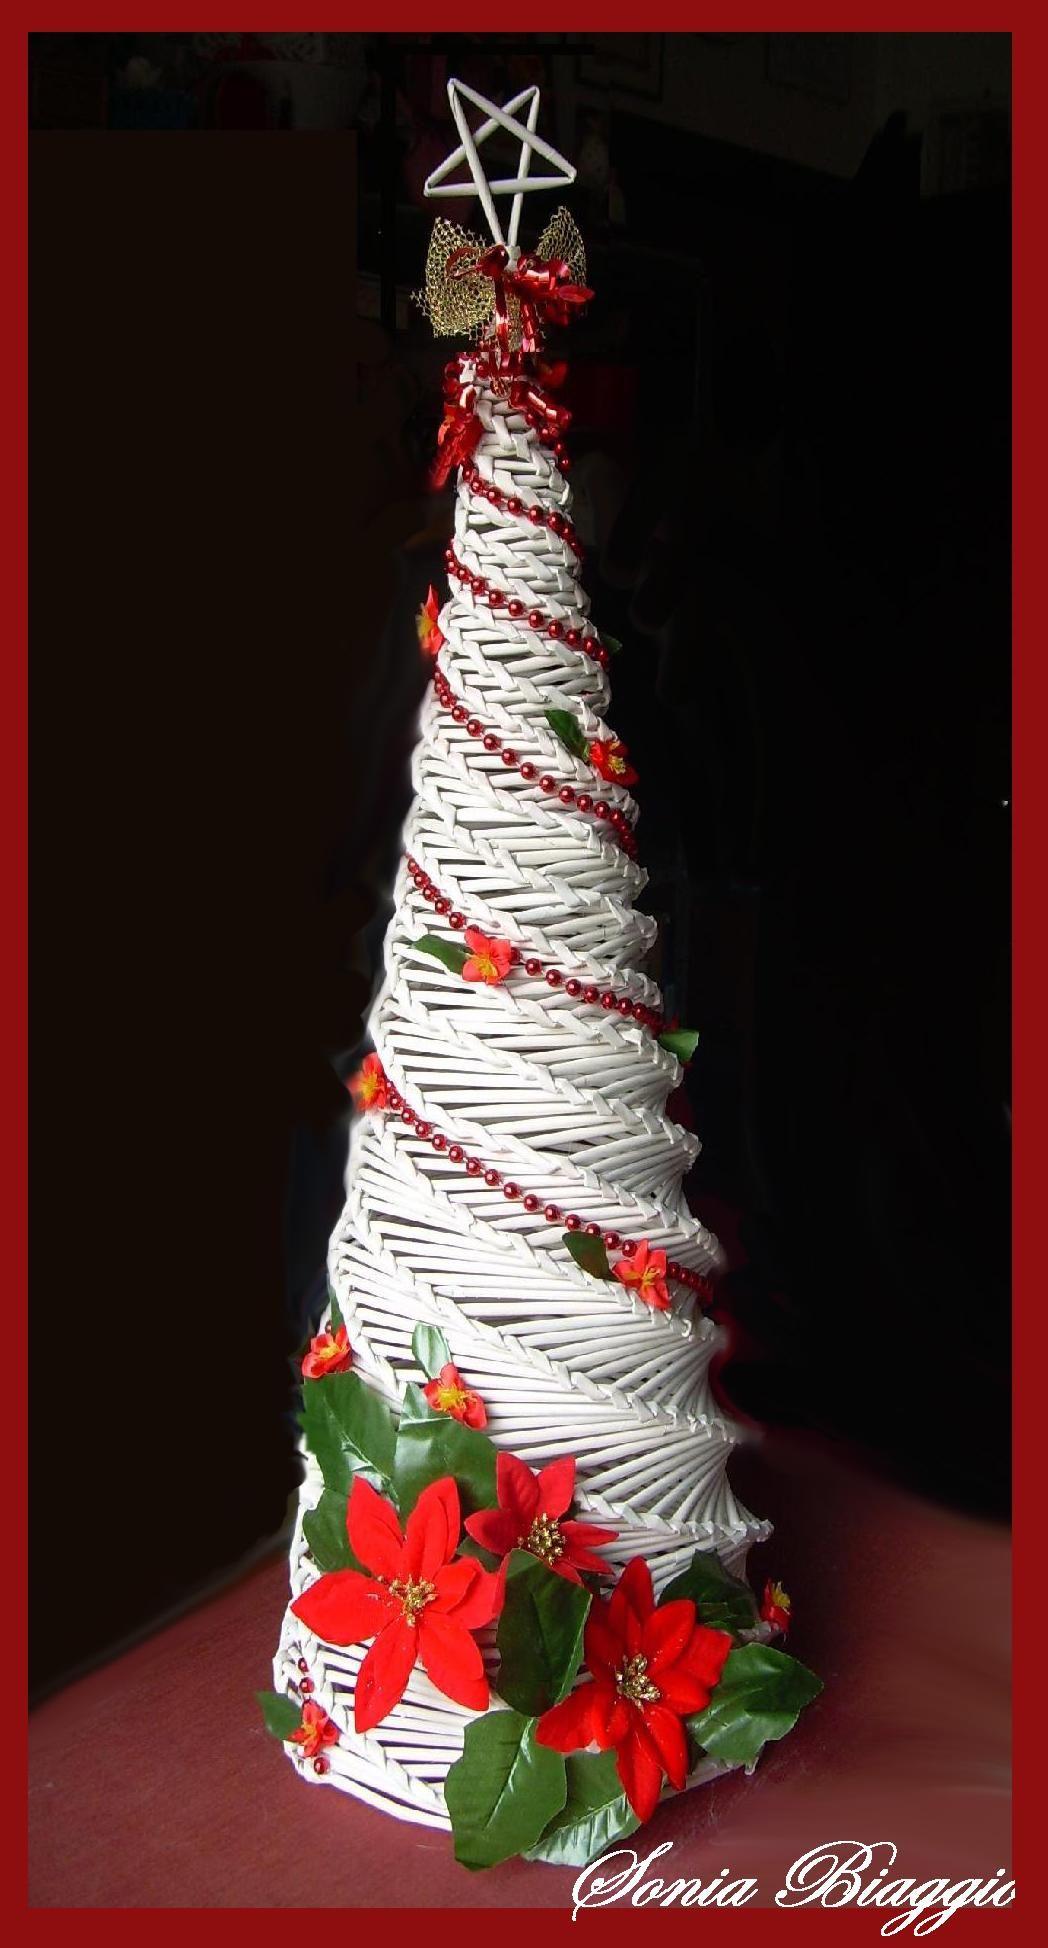 Albero Di Natale Con Cannucce Di Carta.Albero Con Cannucce Di Carta Christmas Decorations Christmas Projects Christmas Ornaments